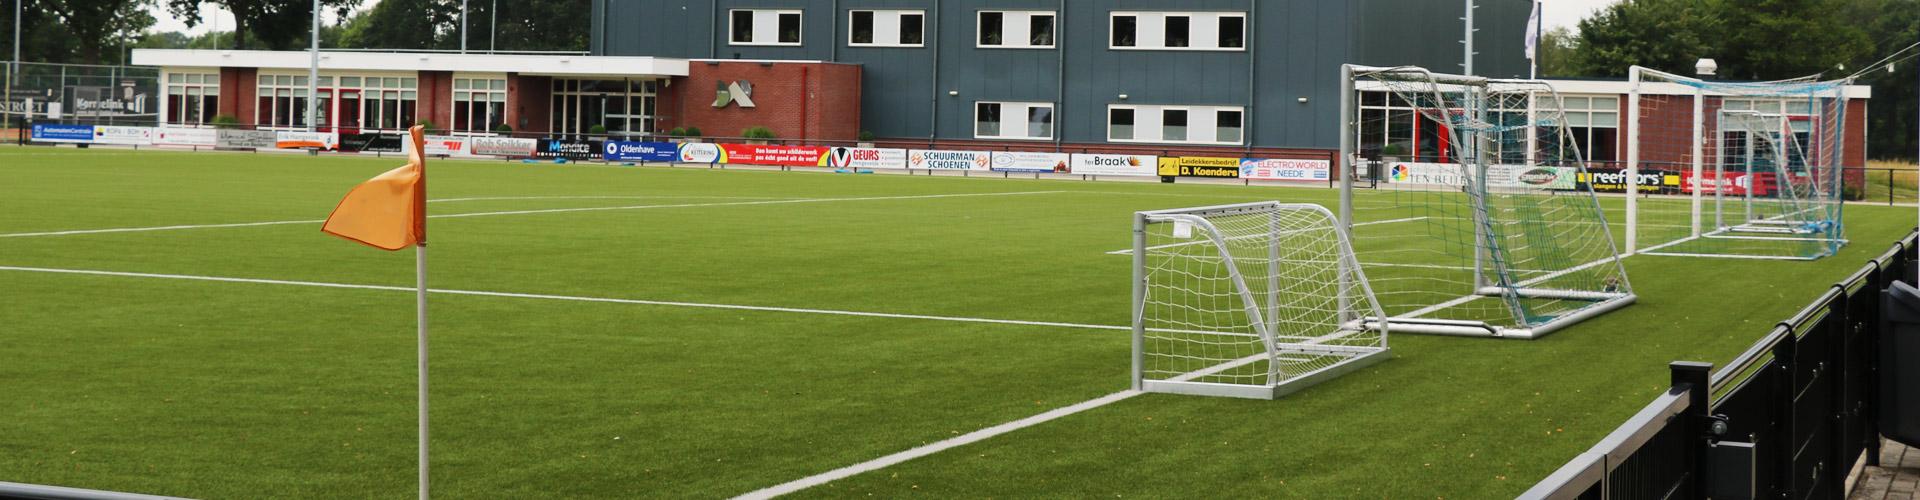 Dorpsaccommodatie Rietmolen - Sportvelden